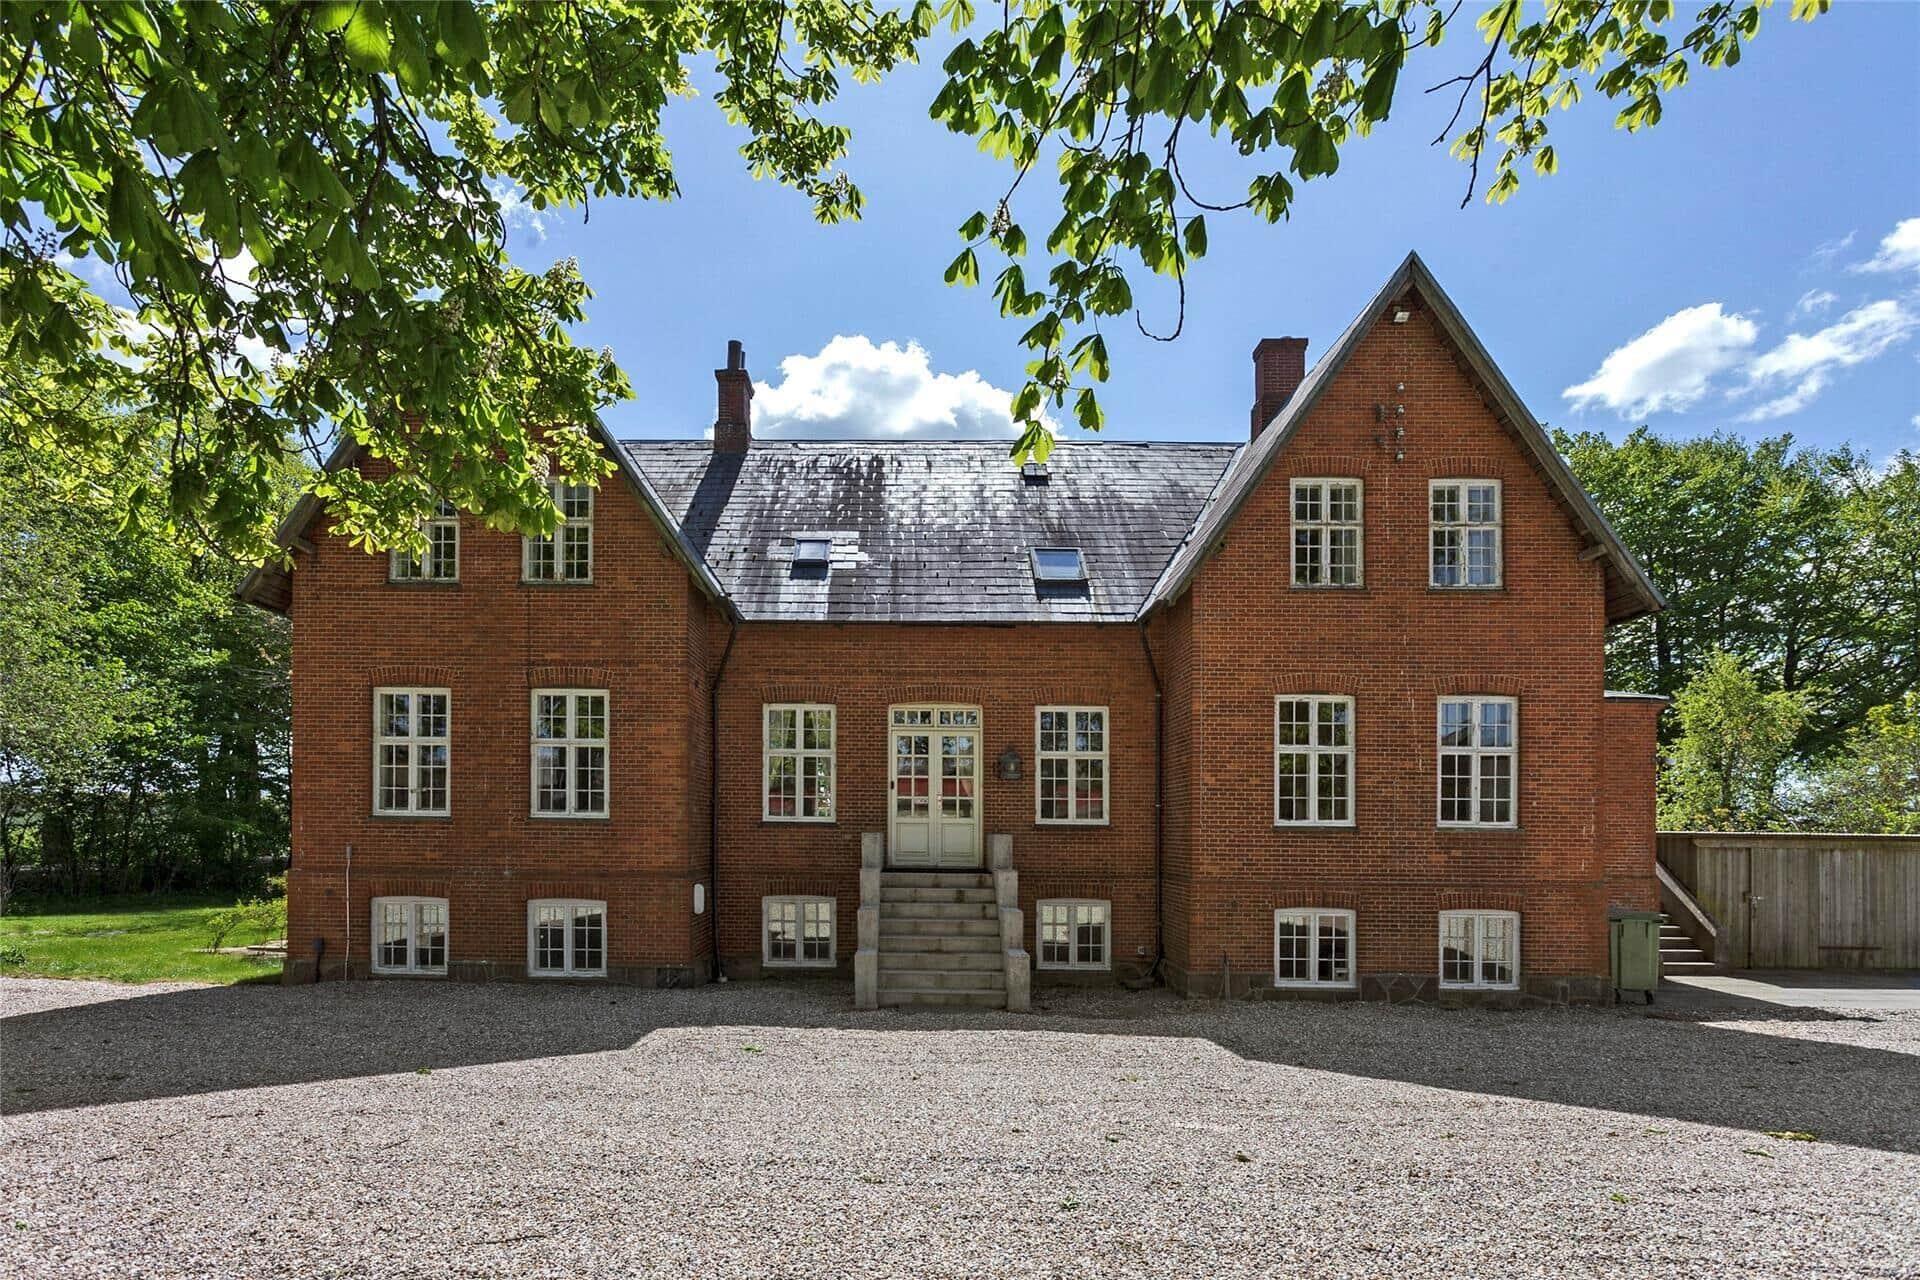 Billede 1-3 Sommerhus M65970, Bøjdenvejen 33, DK - 5772 Kværndrup